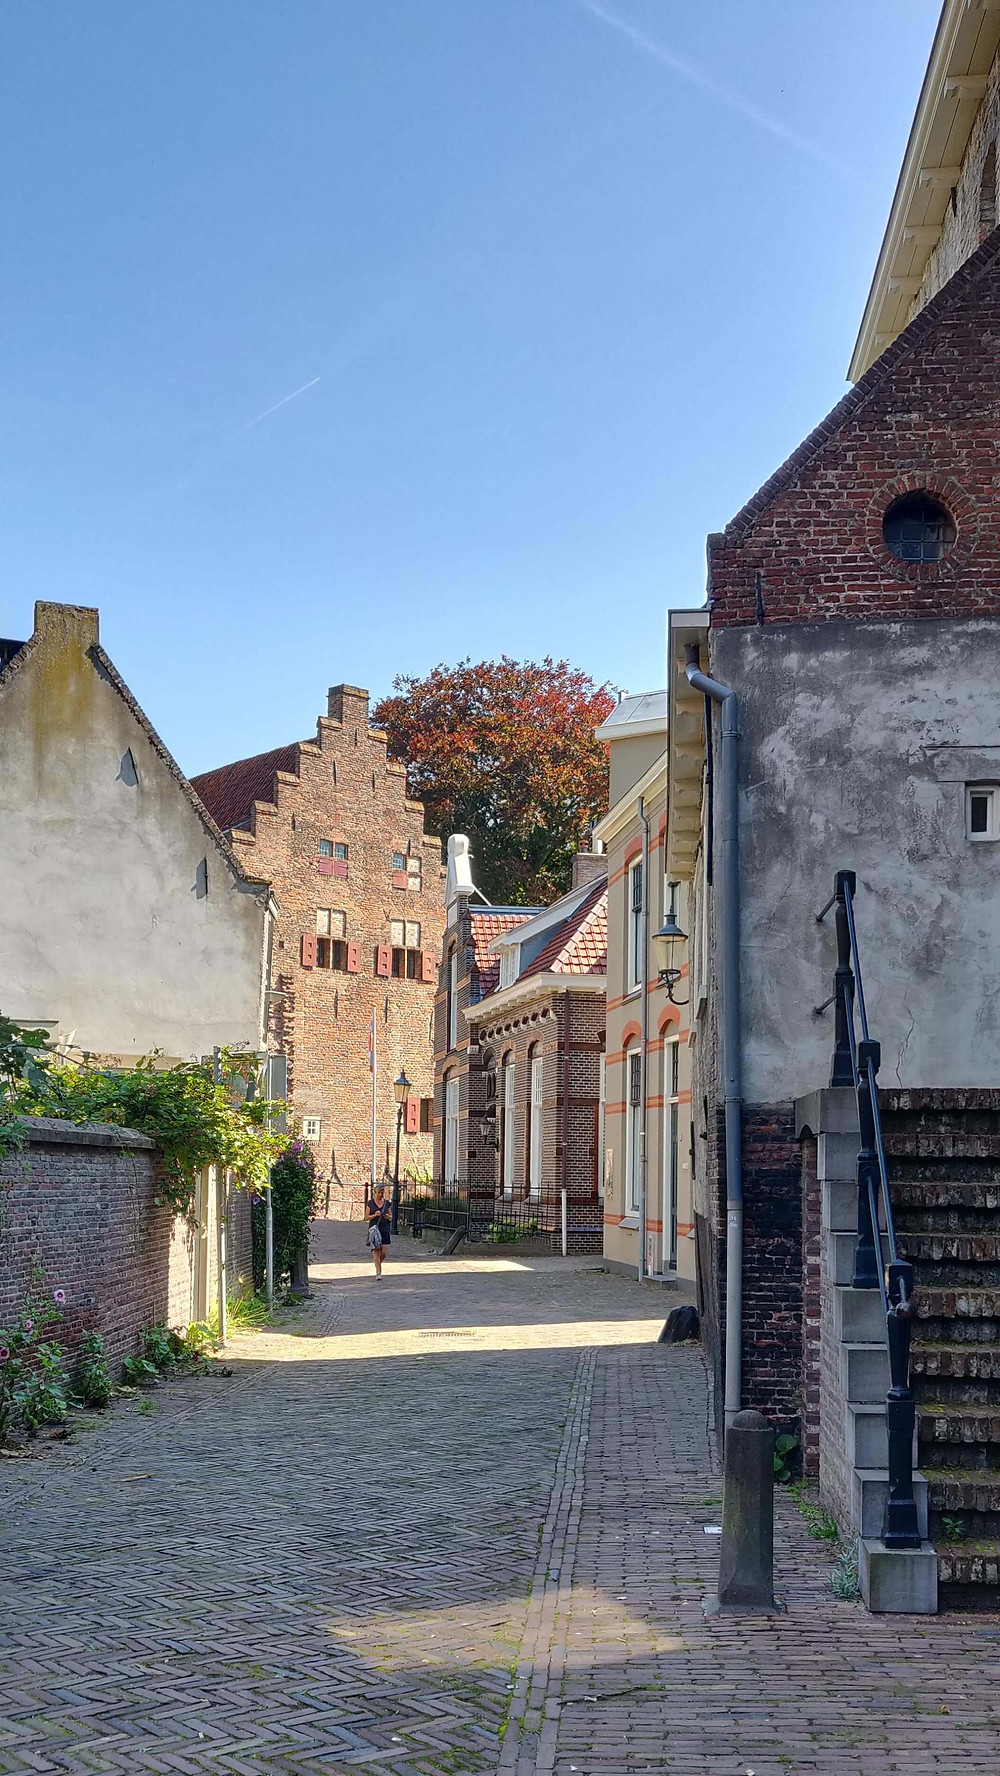 רחוב בתי החומה